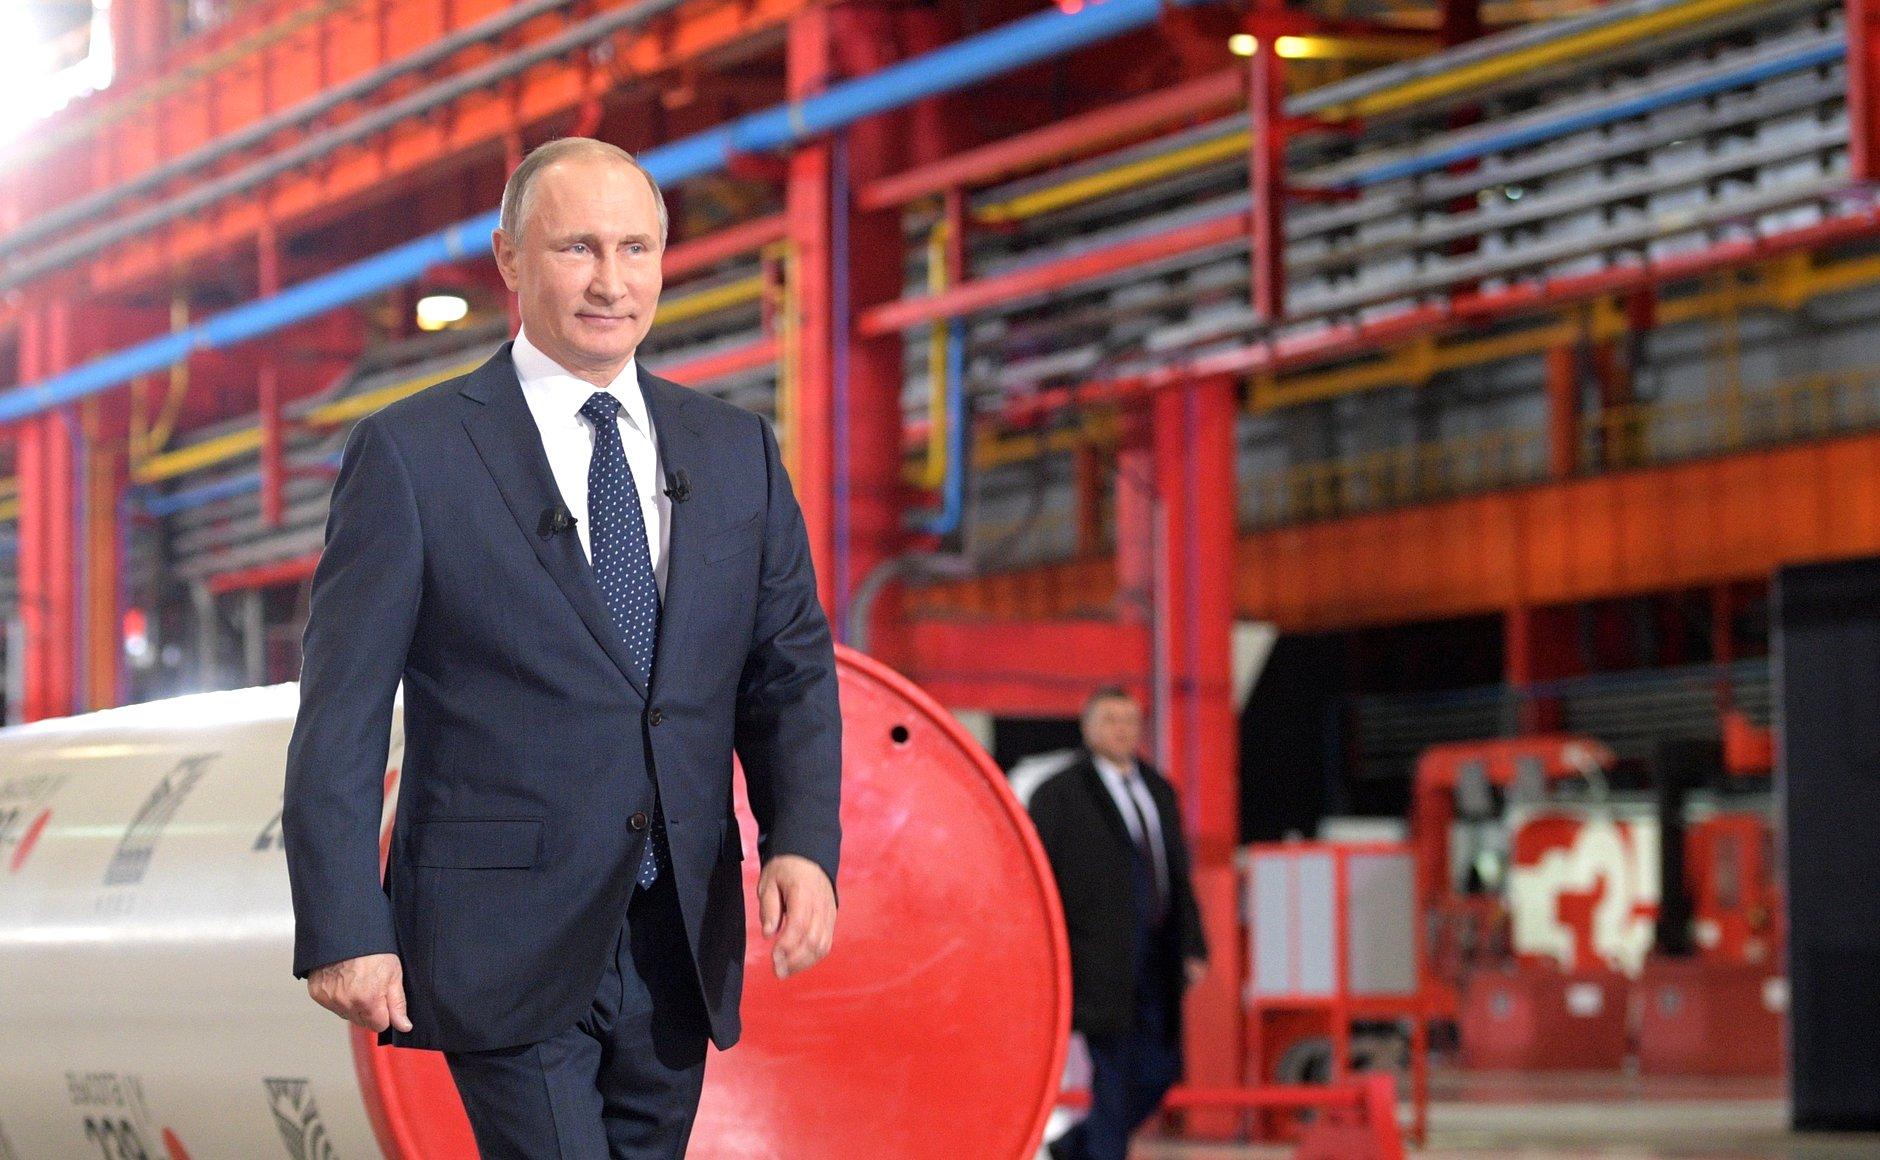 Ungkap Rencana Setelah Pensiun, Putin: Saya Ingin Pergi Keliling Dunia